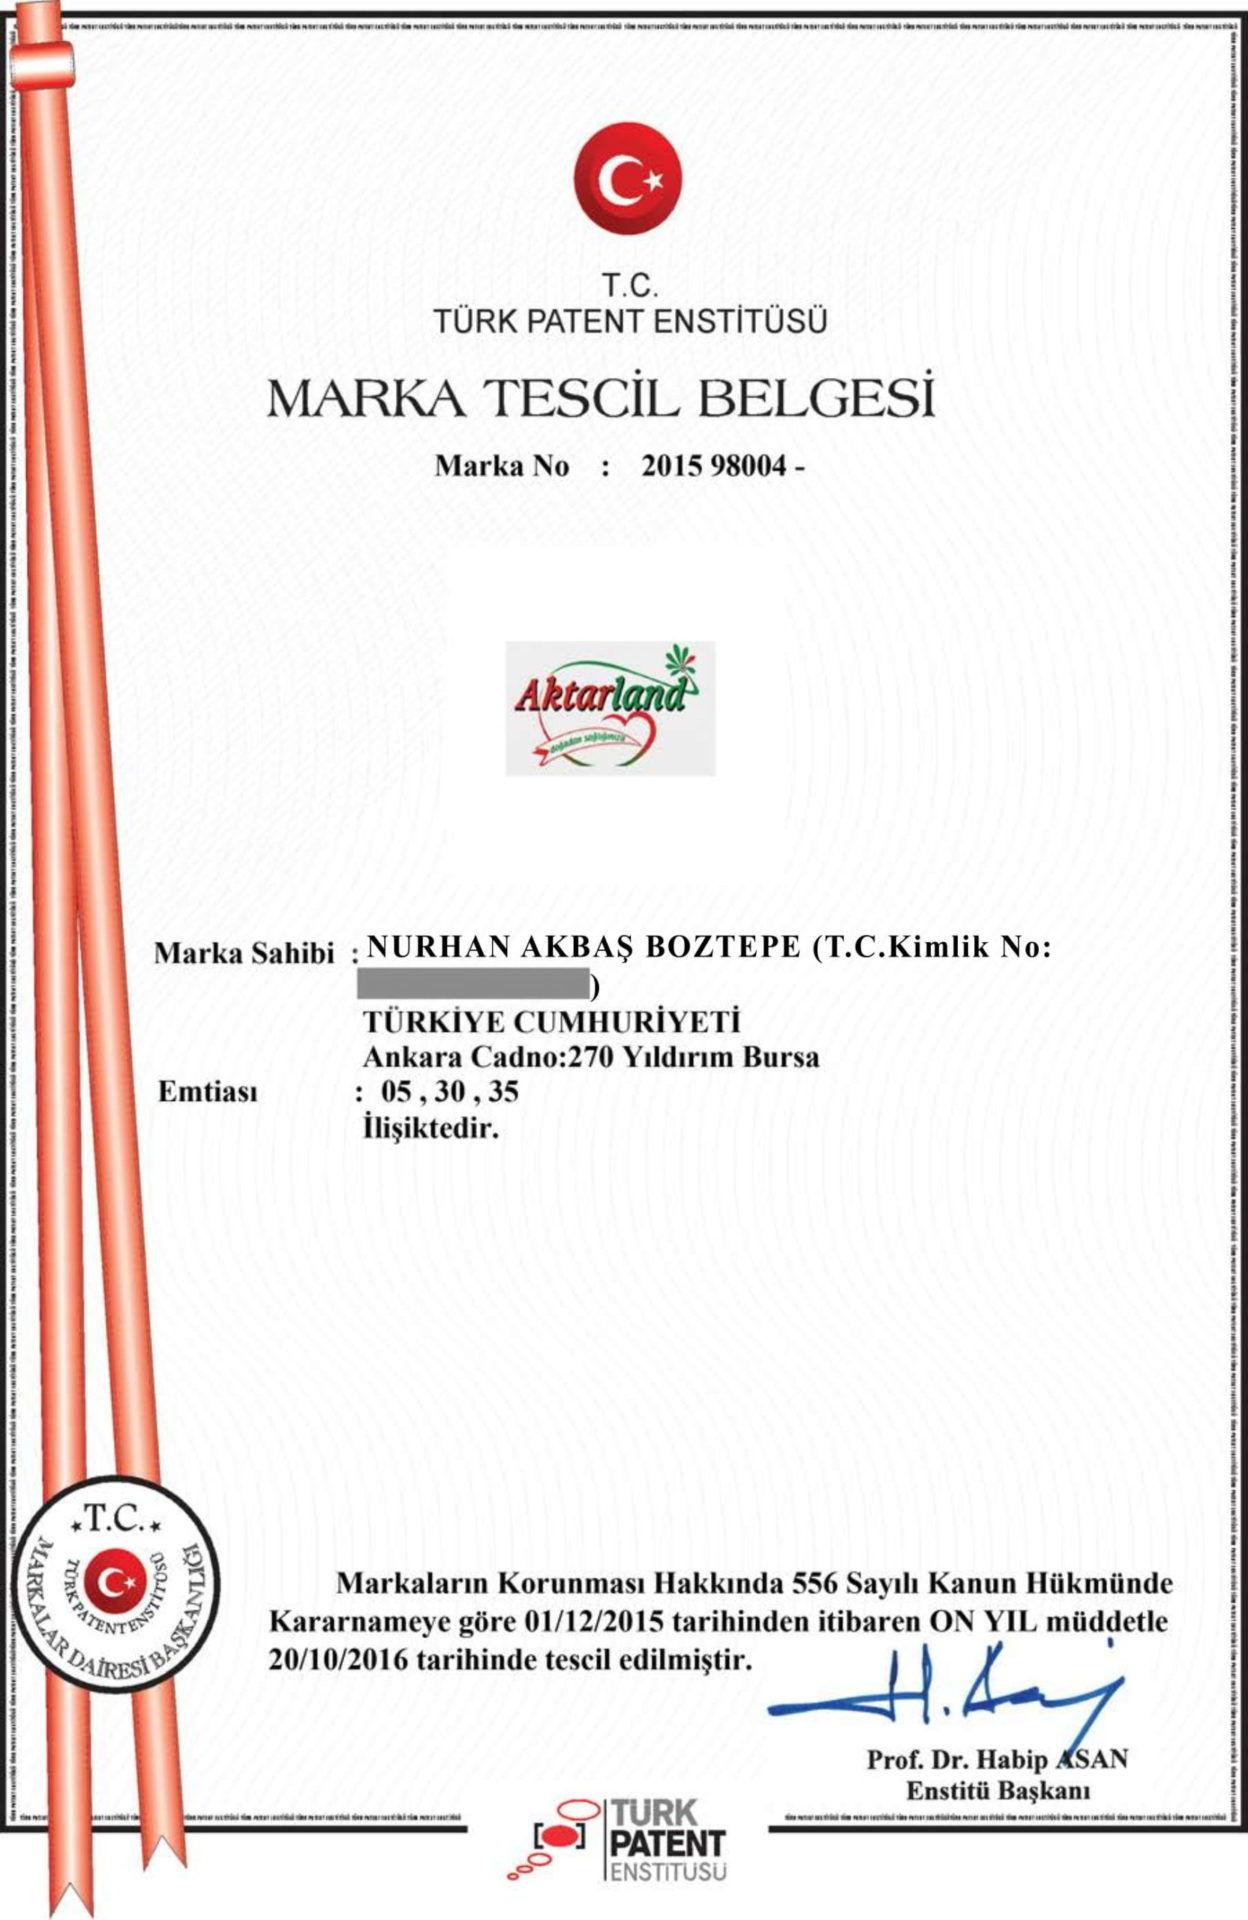 Aktarland Marka Tescil